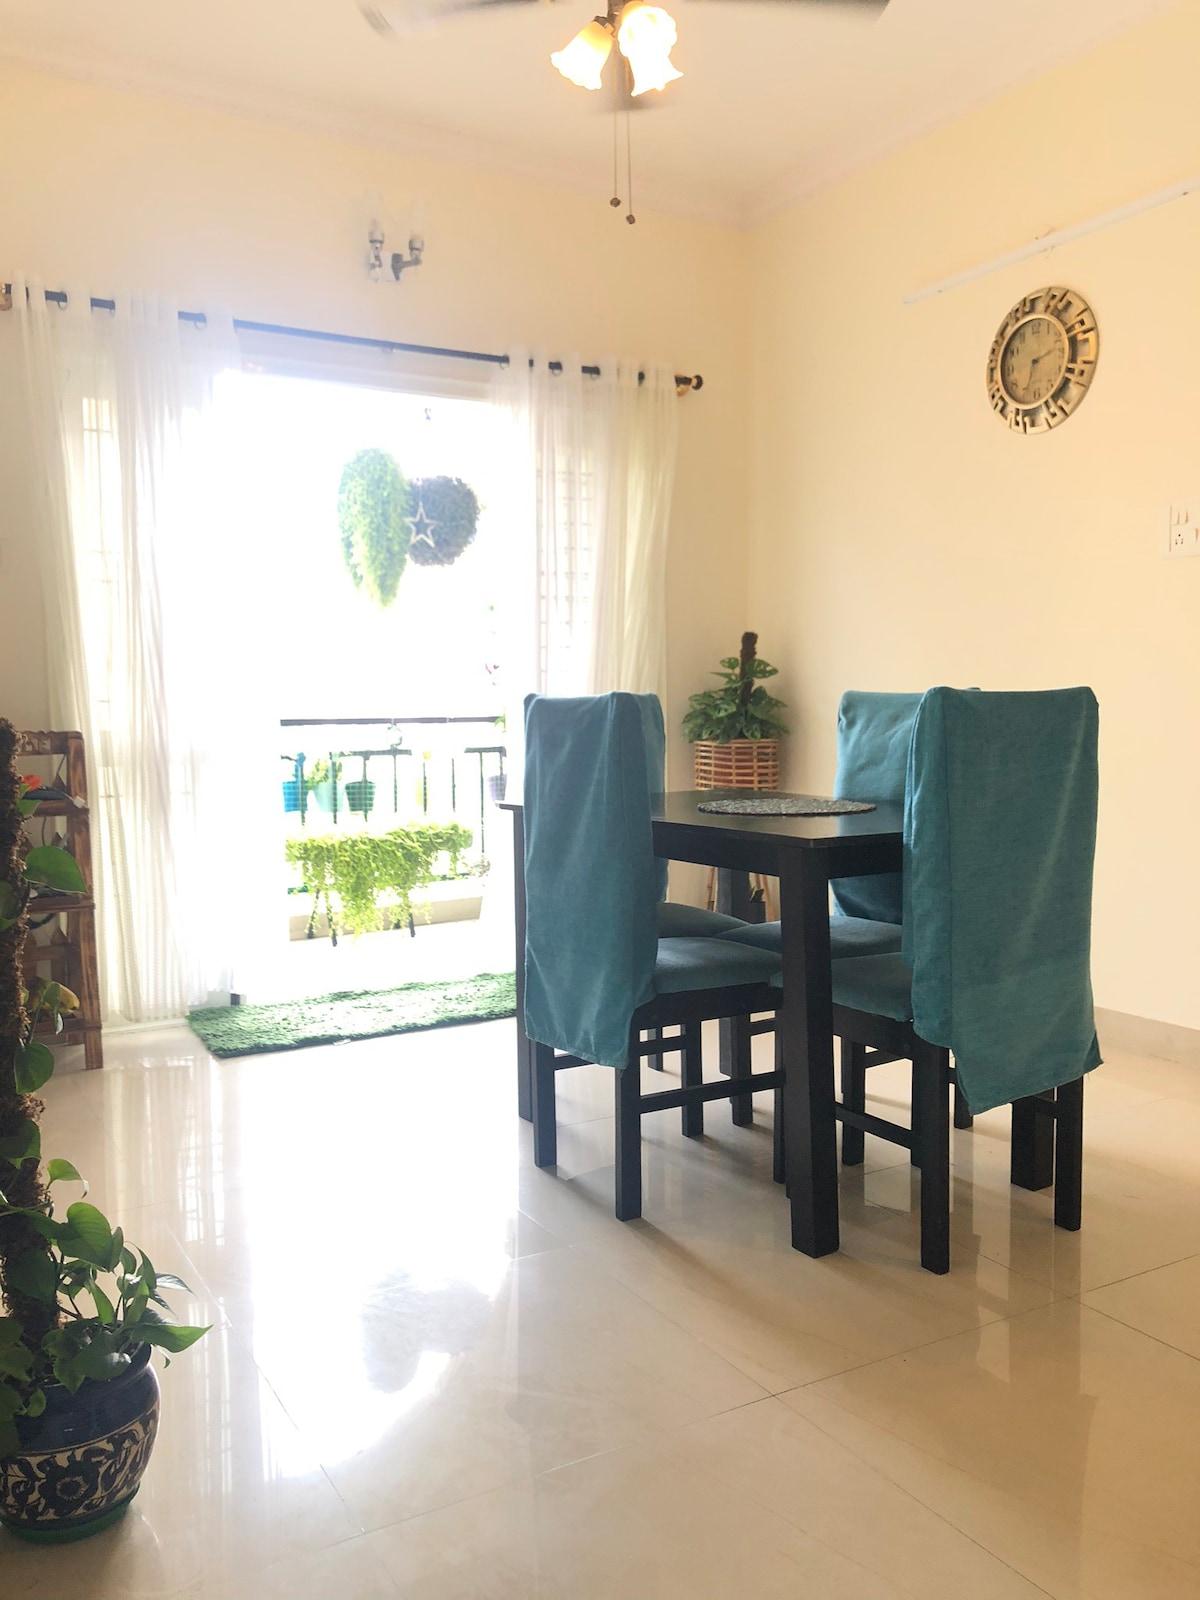 Gaurav's plant filled,cozy, safe and sanitised den